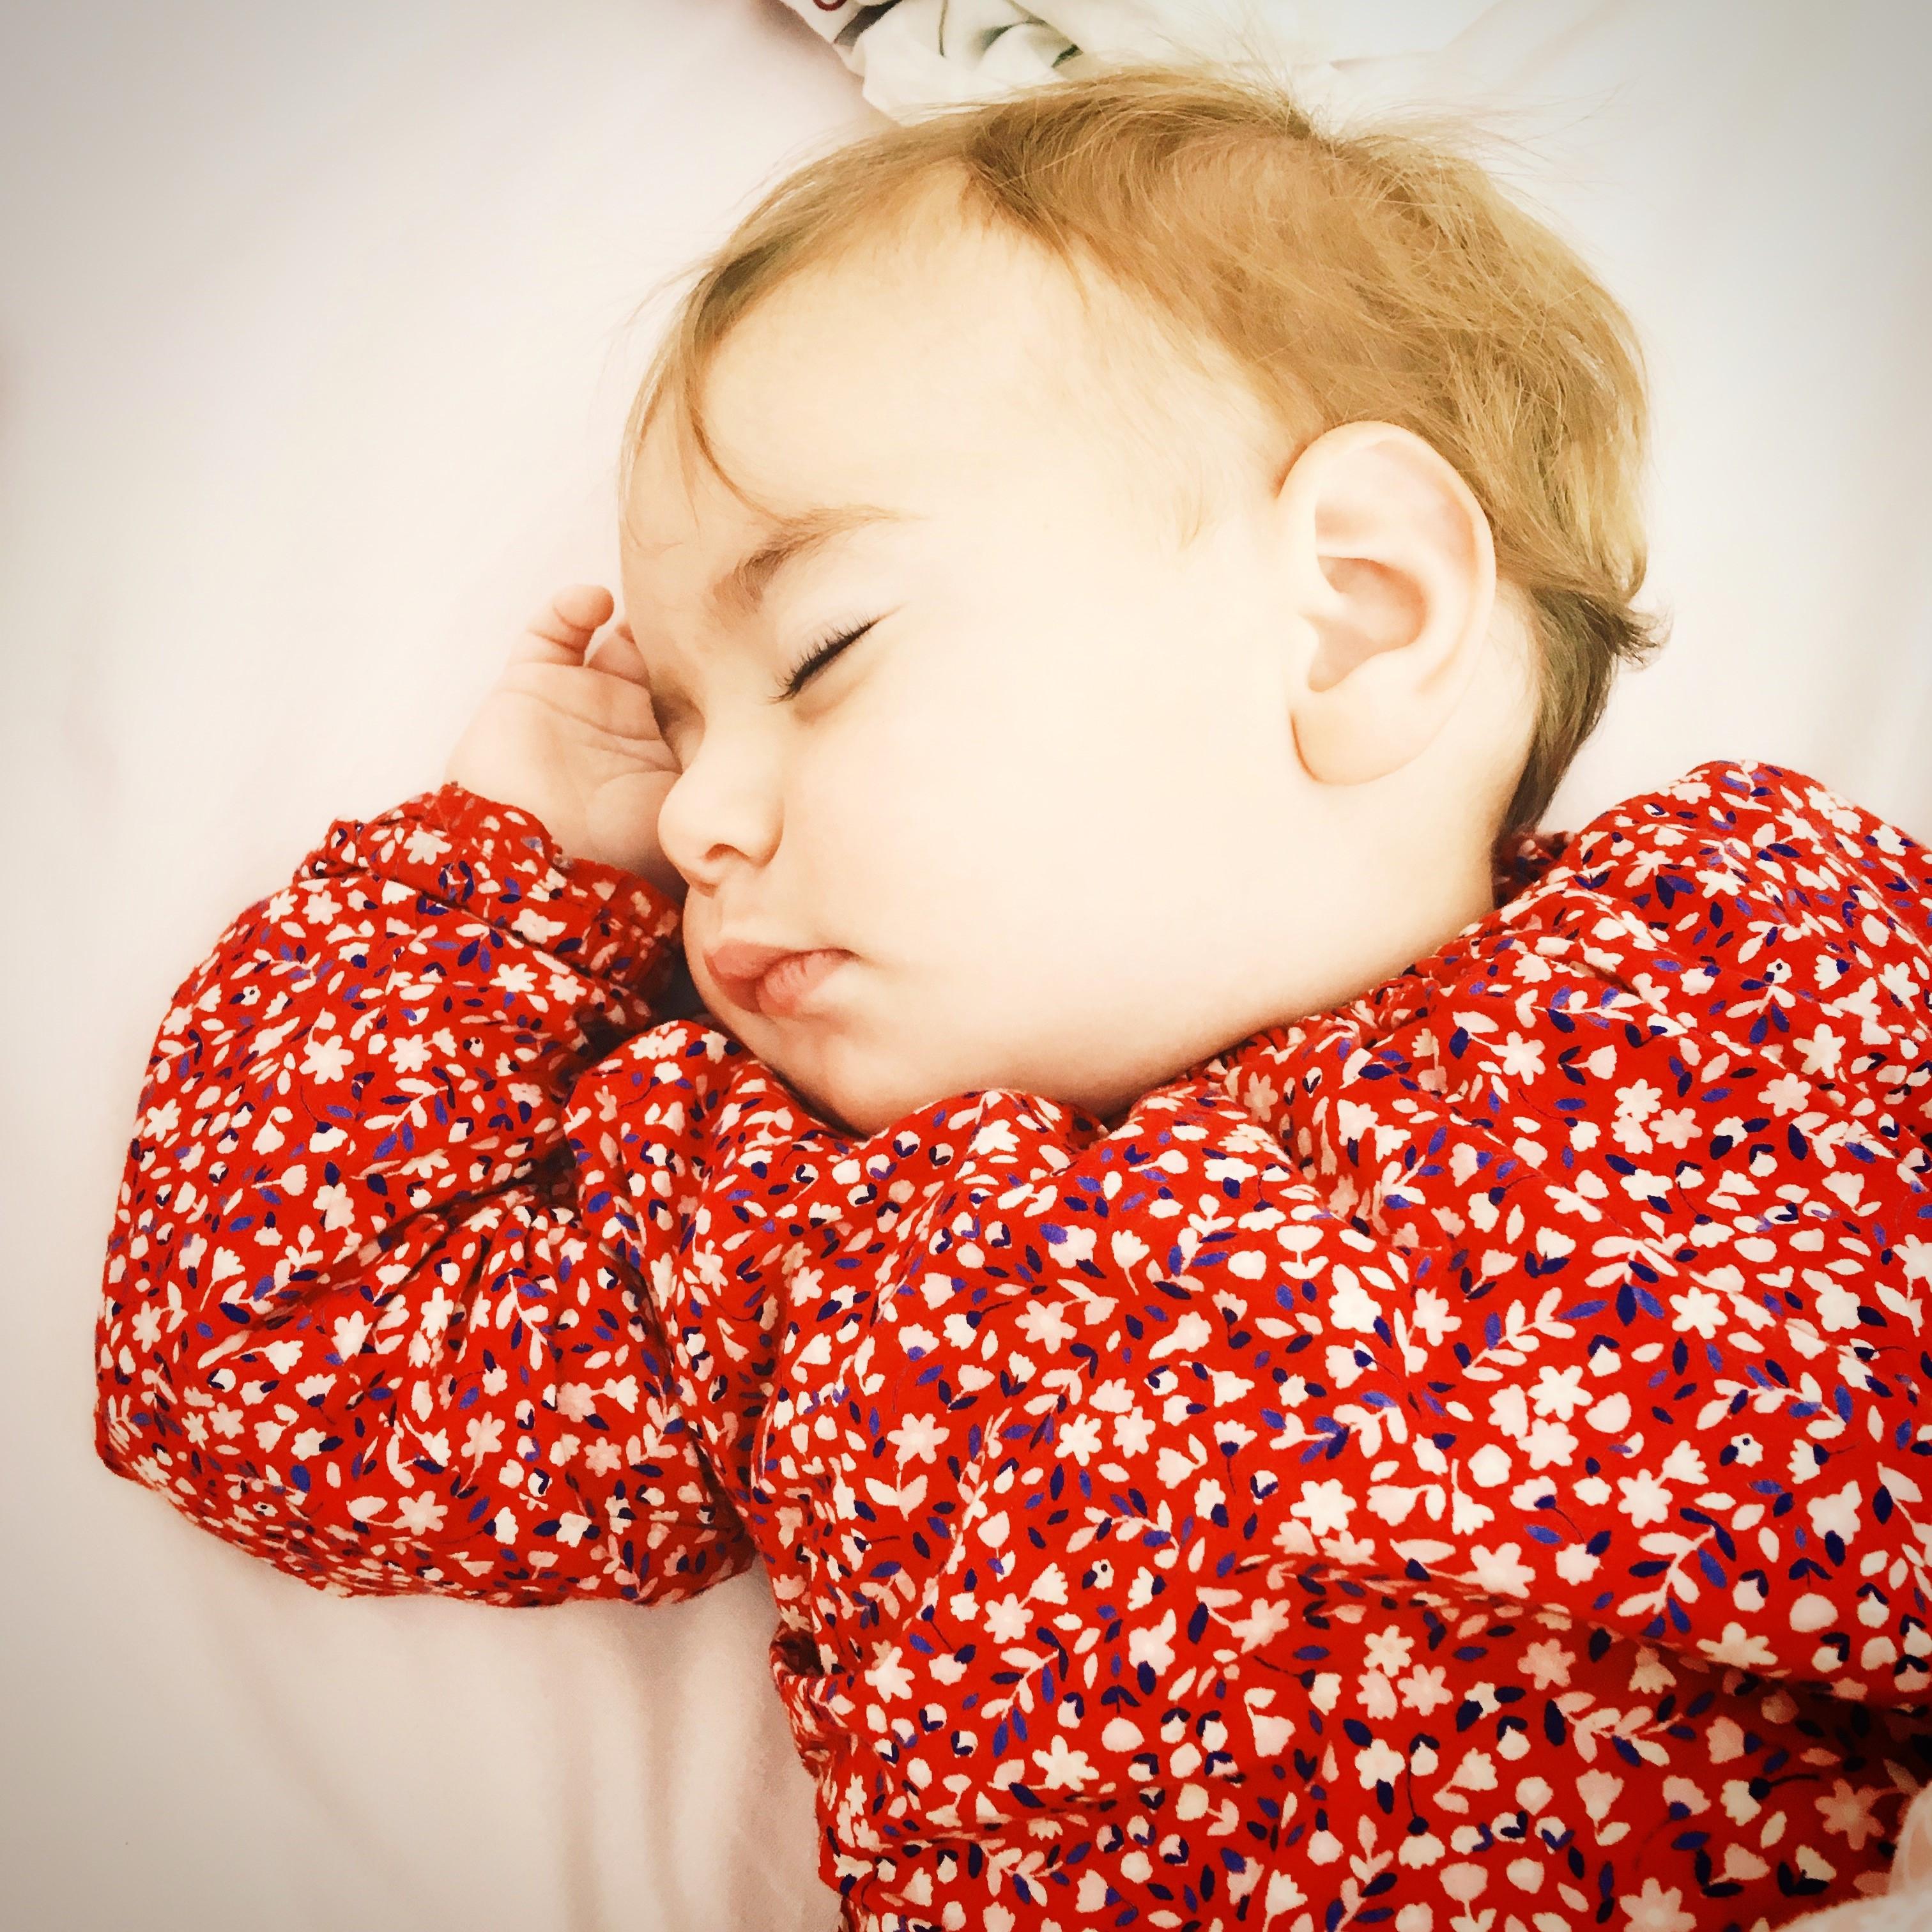 Sommeil de l'enfant : Comment l'aider à s'endormir sans pleurs?